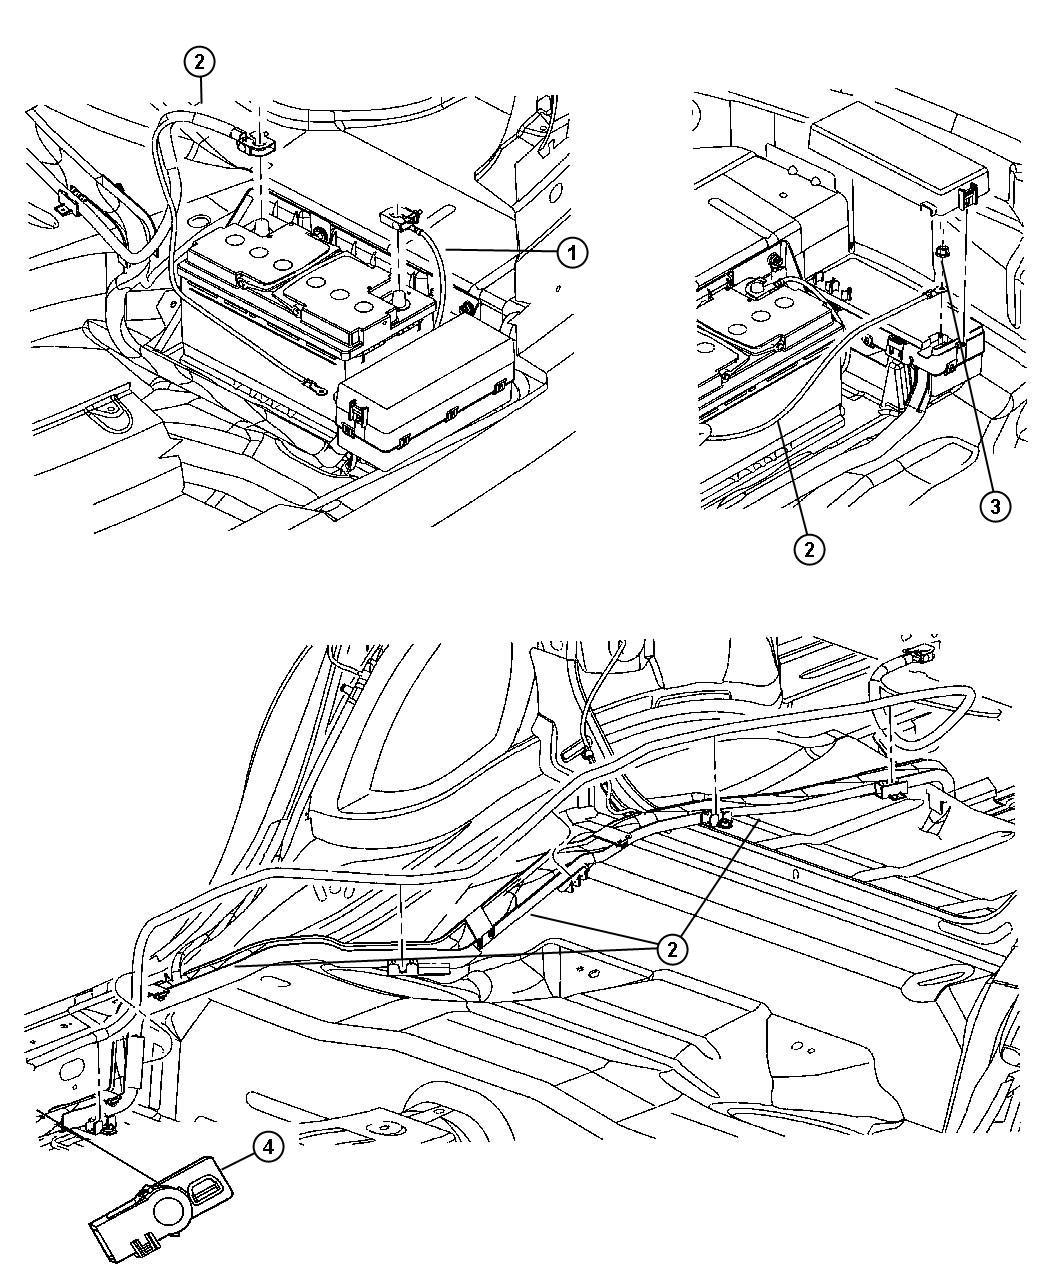 Chrysler 300 Wiring. Battery positive. [long wheel base